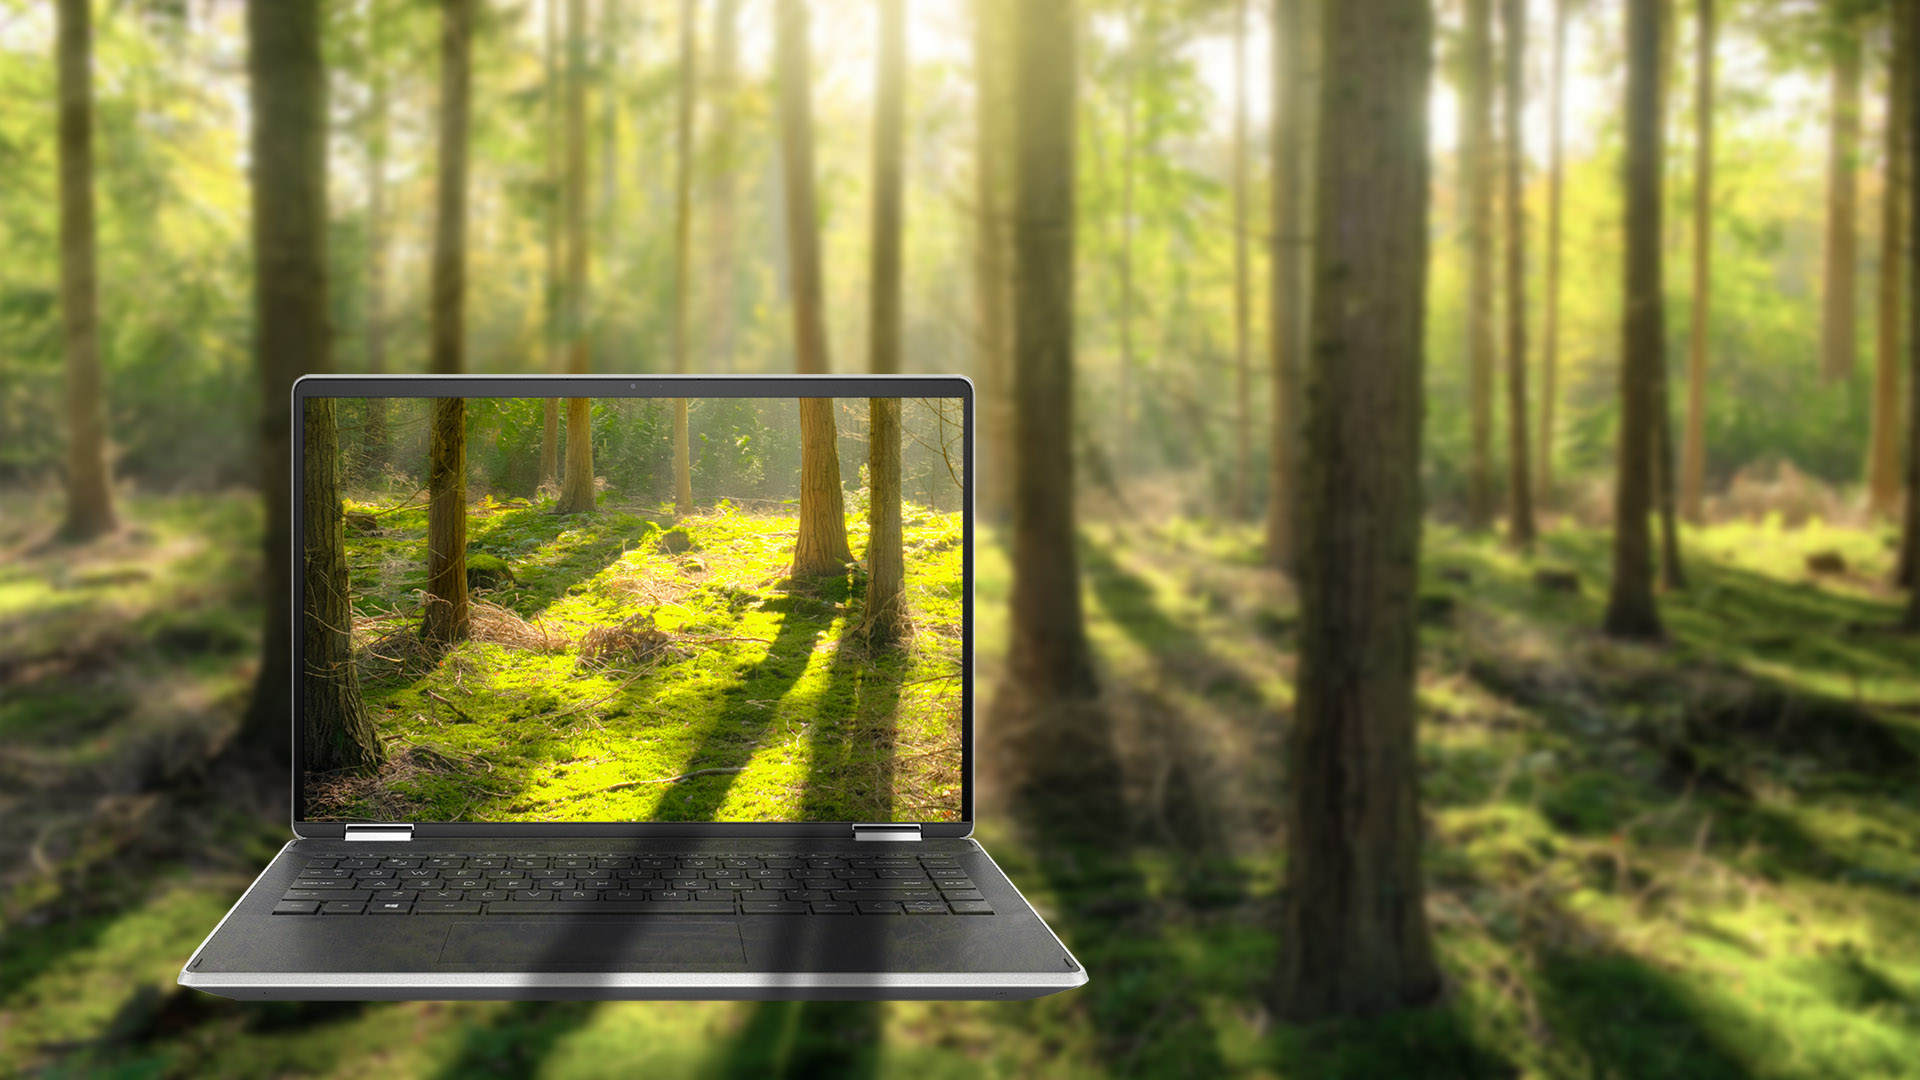 La nature intégrée à un ordinateur portable